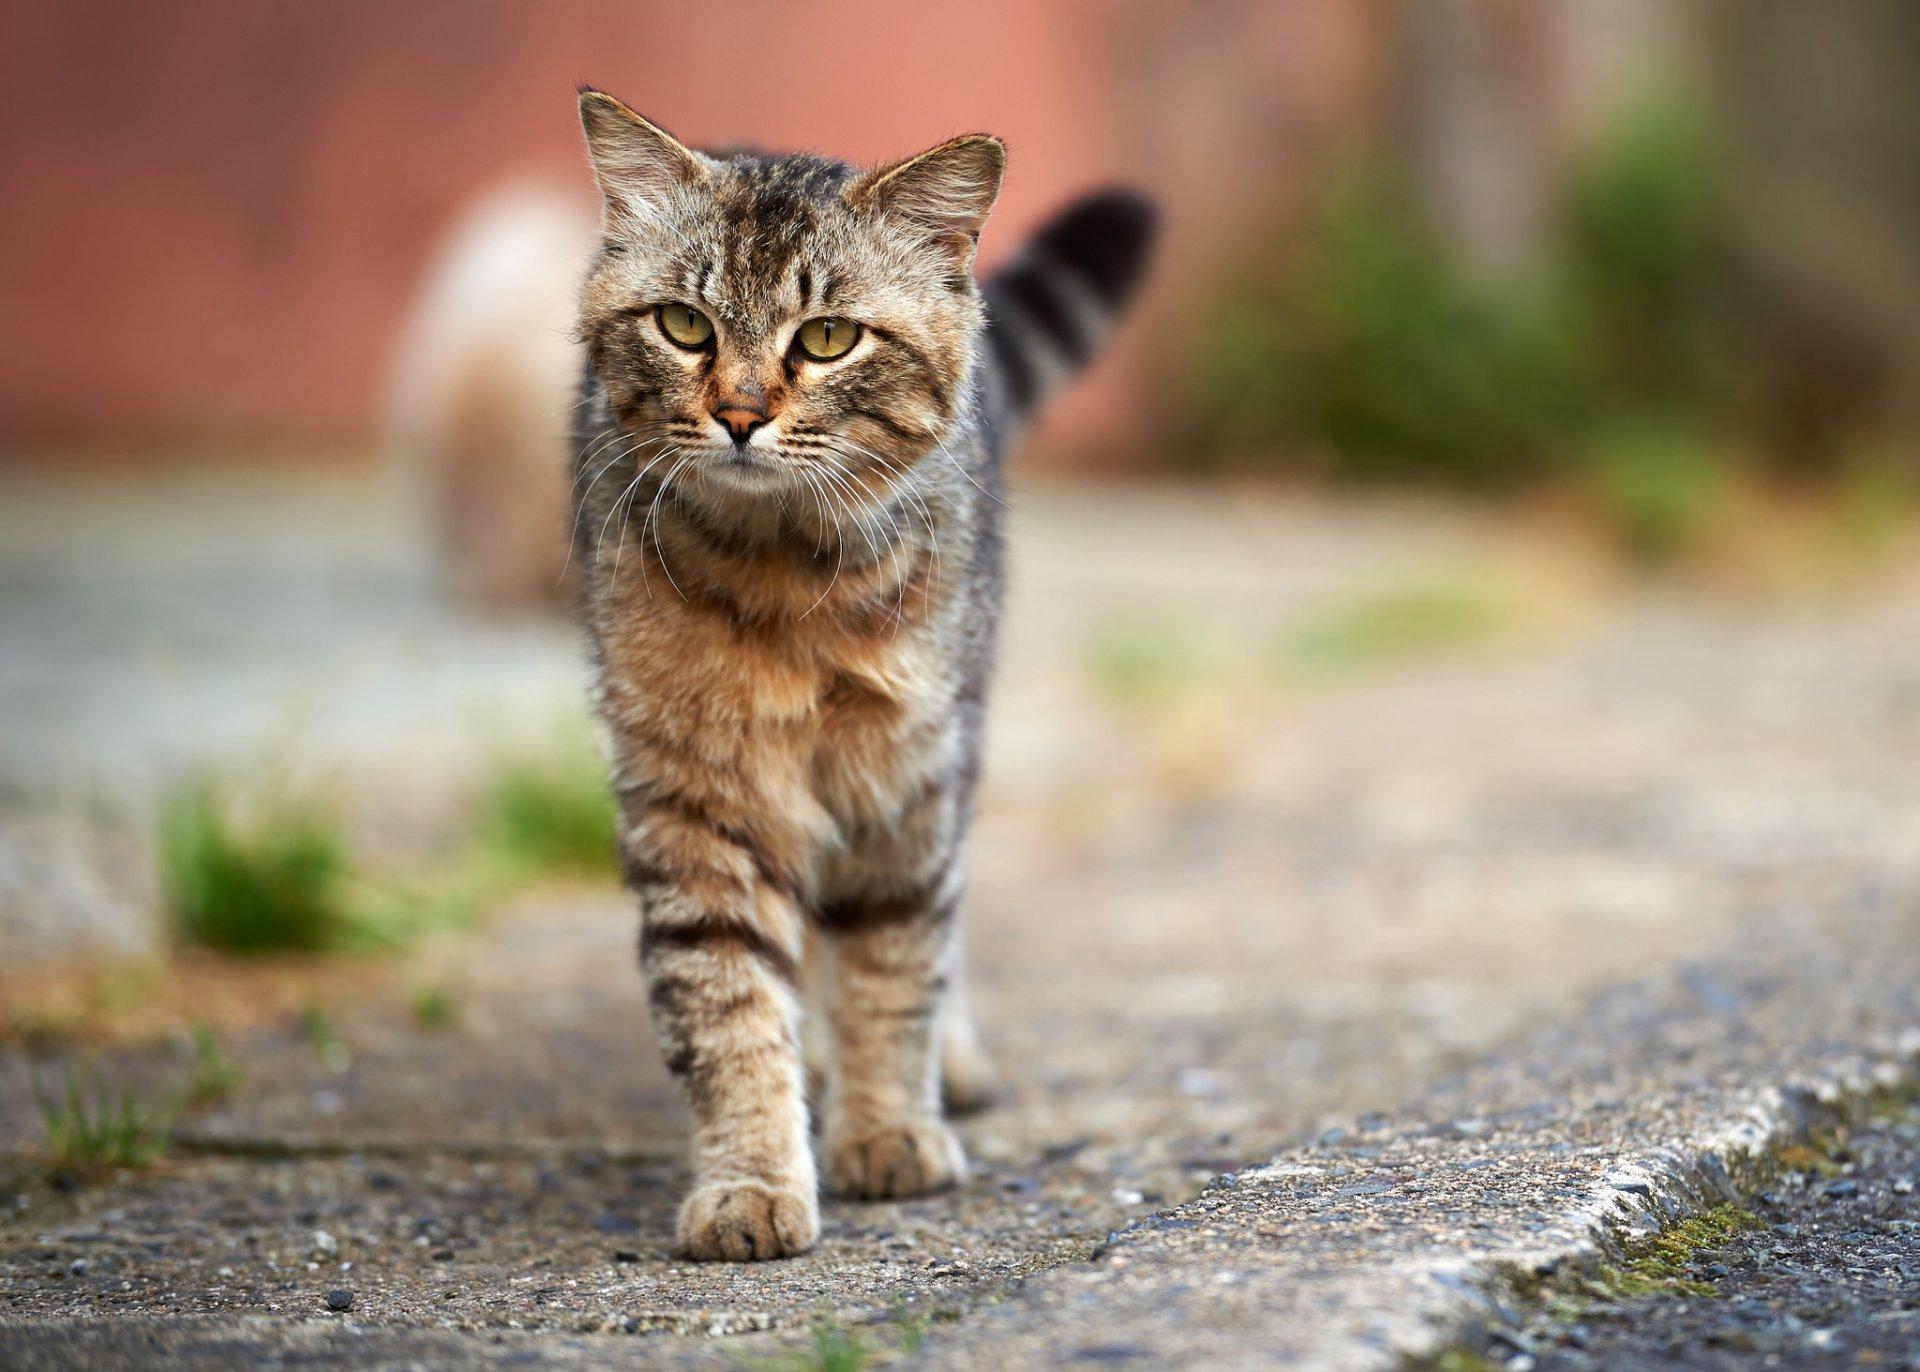 кот серый полосатый кошка улица асфальт HD обои для ноутбука